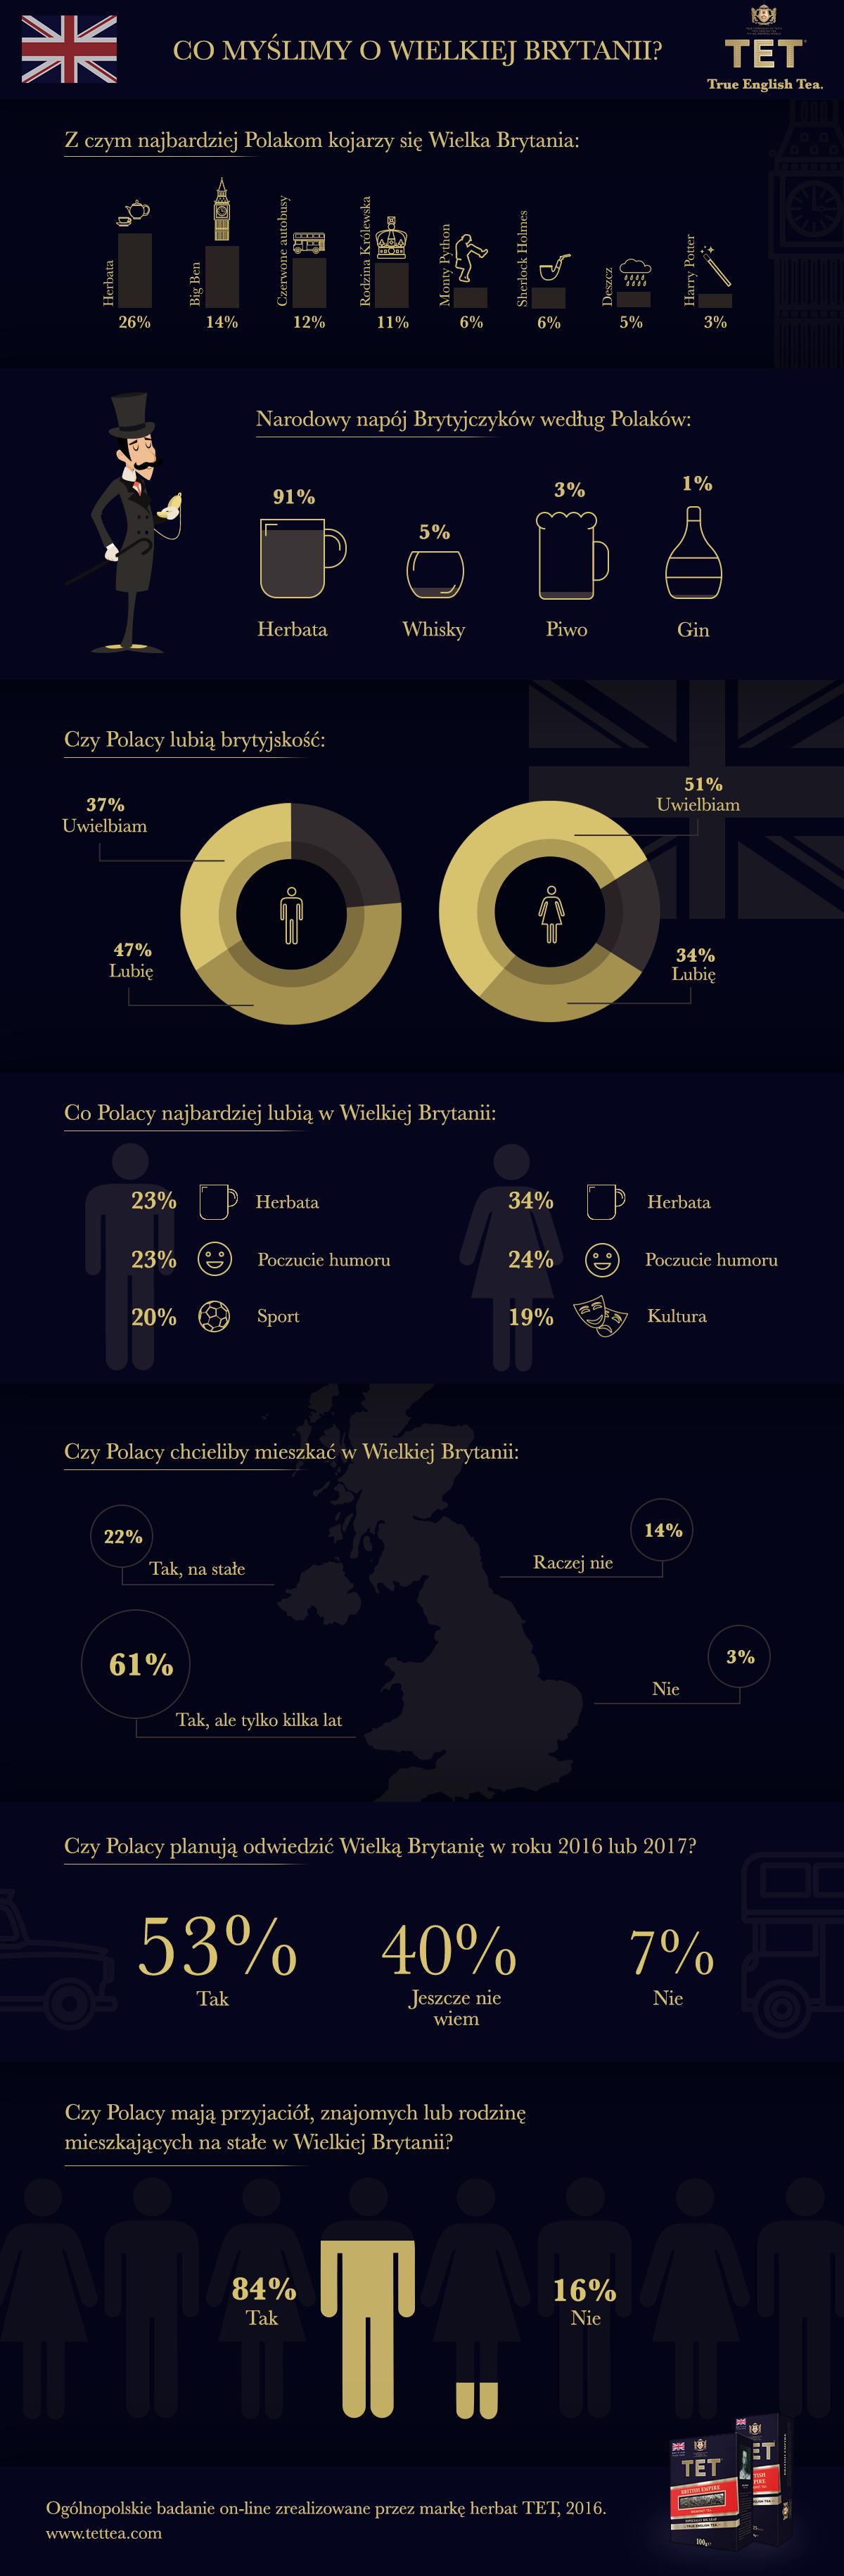 infografika_co_myslimy_o_wielkiej_brytanii-1